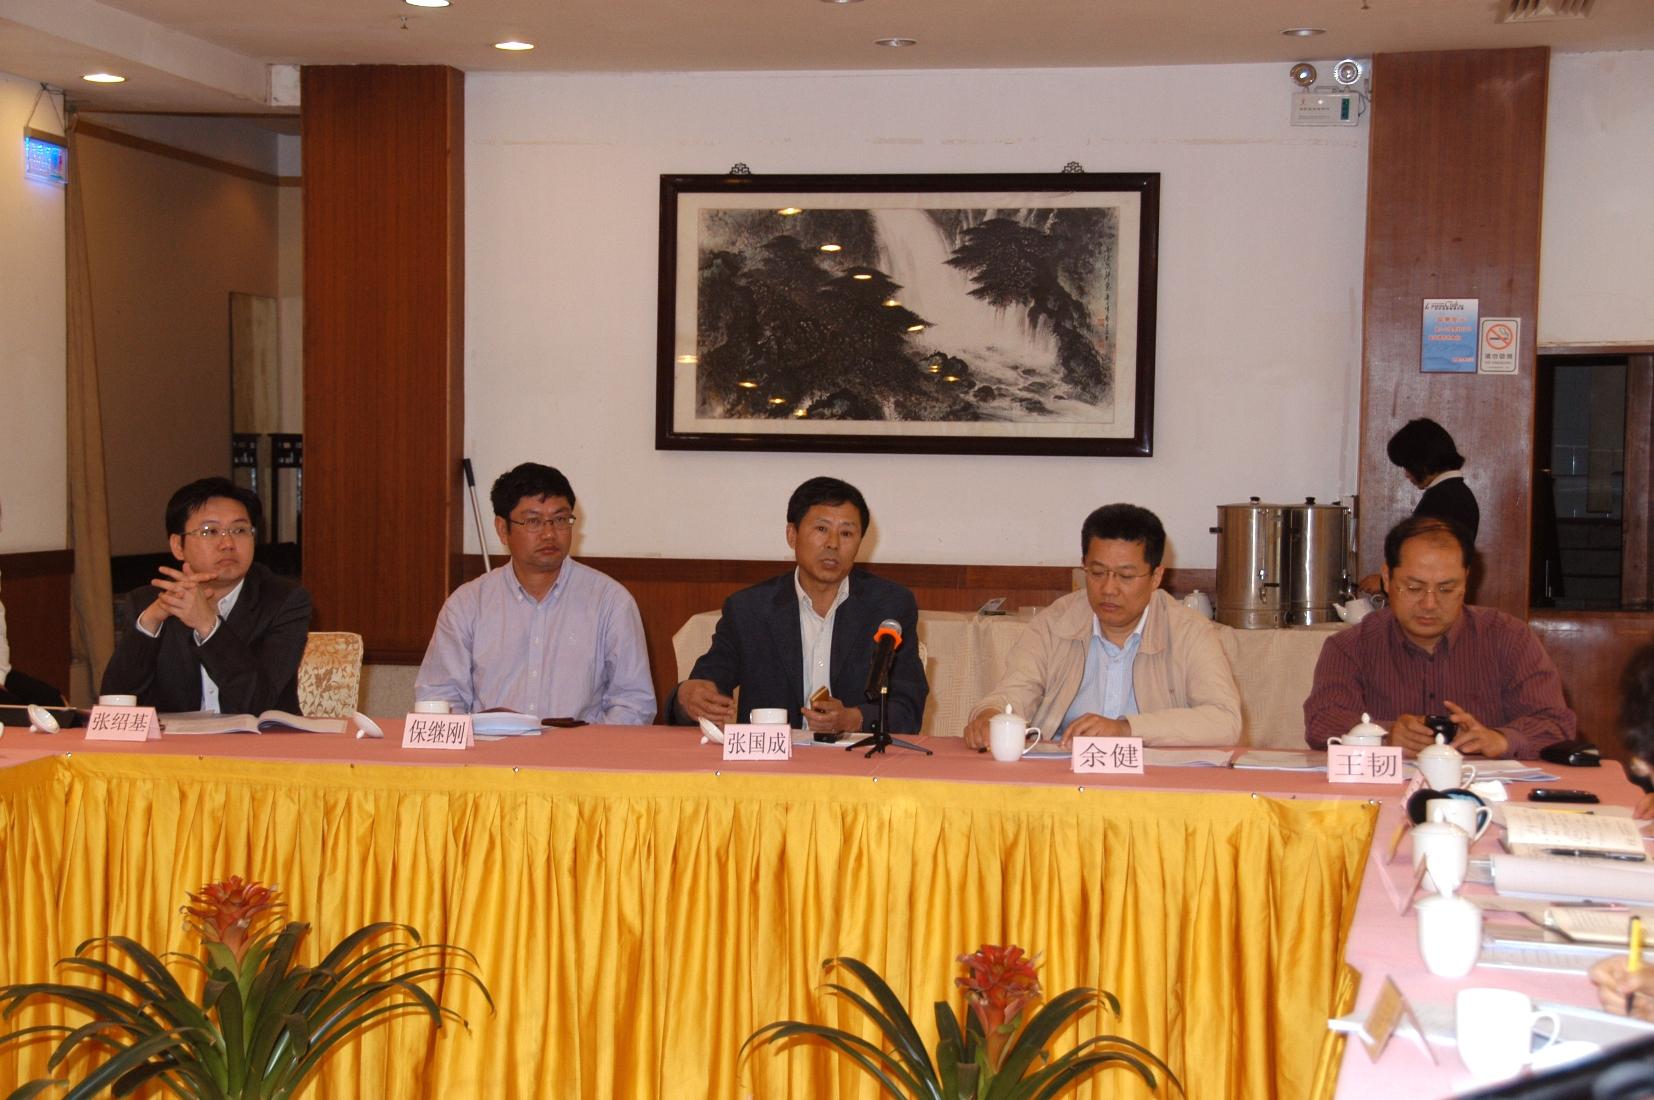 國家科技部張國成司長(中)、粵港澳三地政府官員及高校學者參加在廣州舉行的「863」計劃項目「粵港澳跨境水安全綜合監測計劃」論證會。